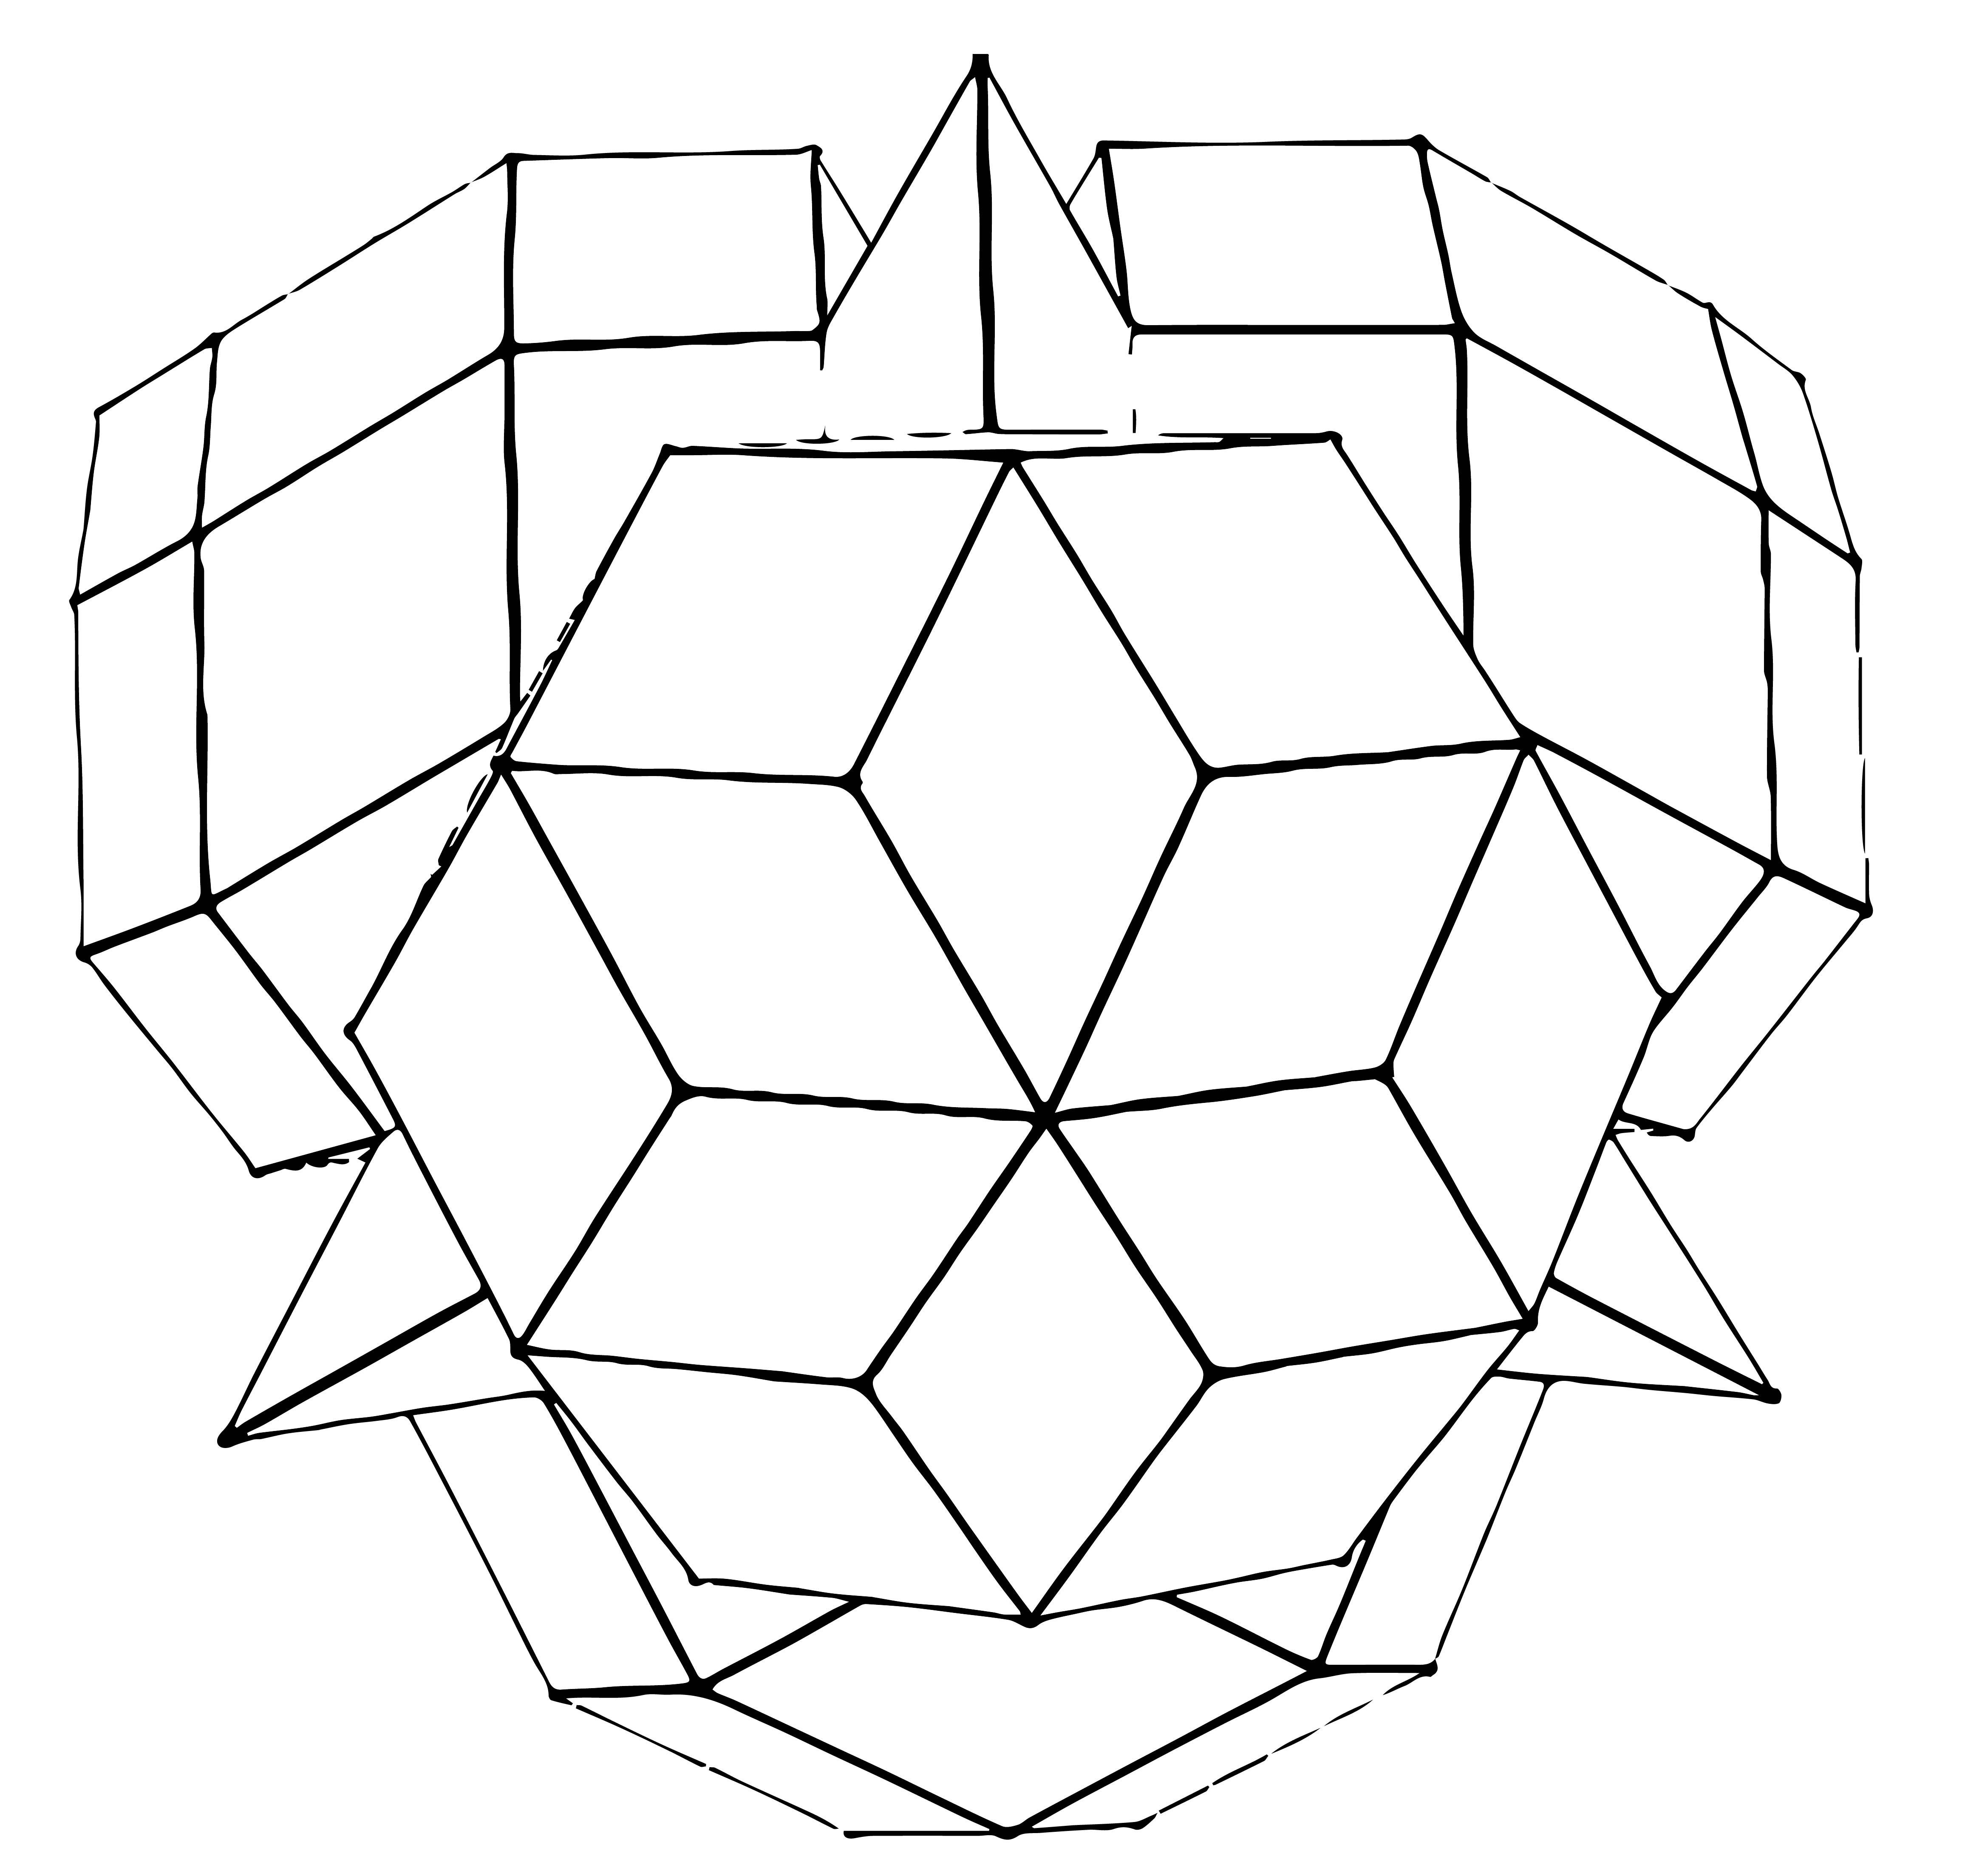 工程图 简笔画 平面图 手绘 线稿 4624_4414